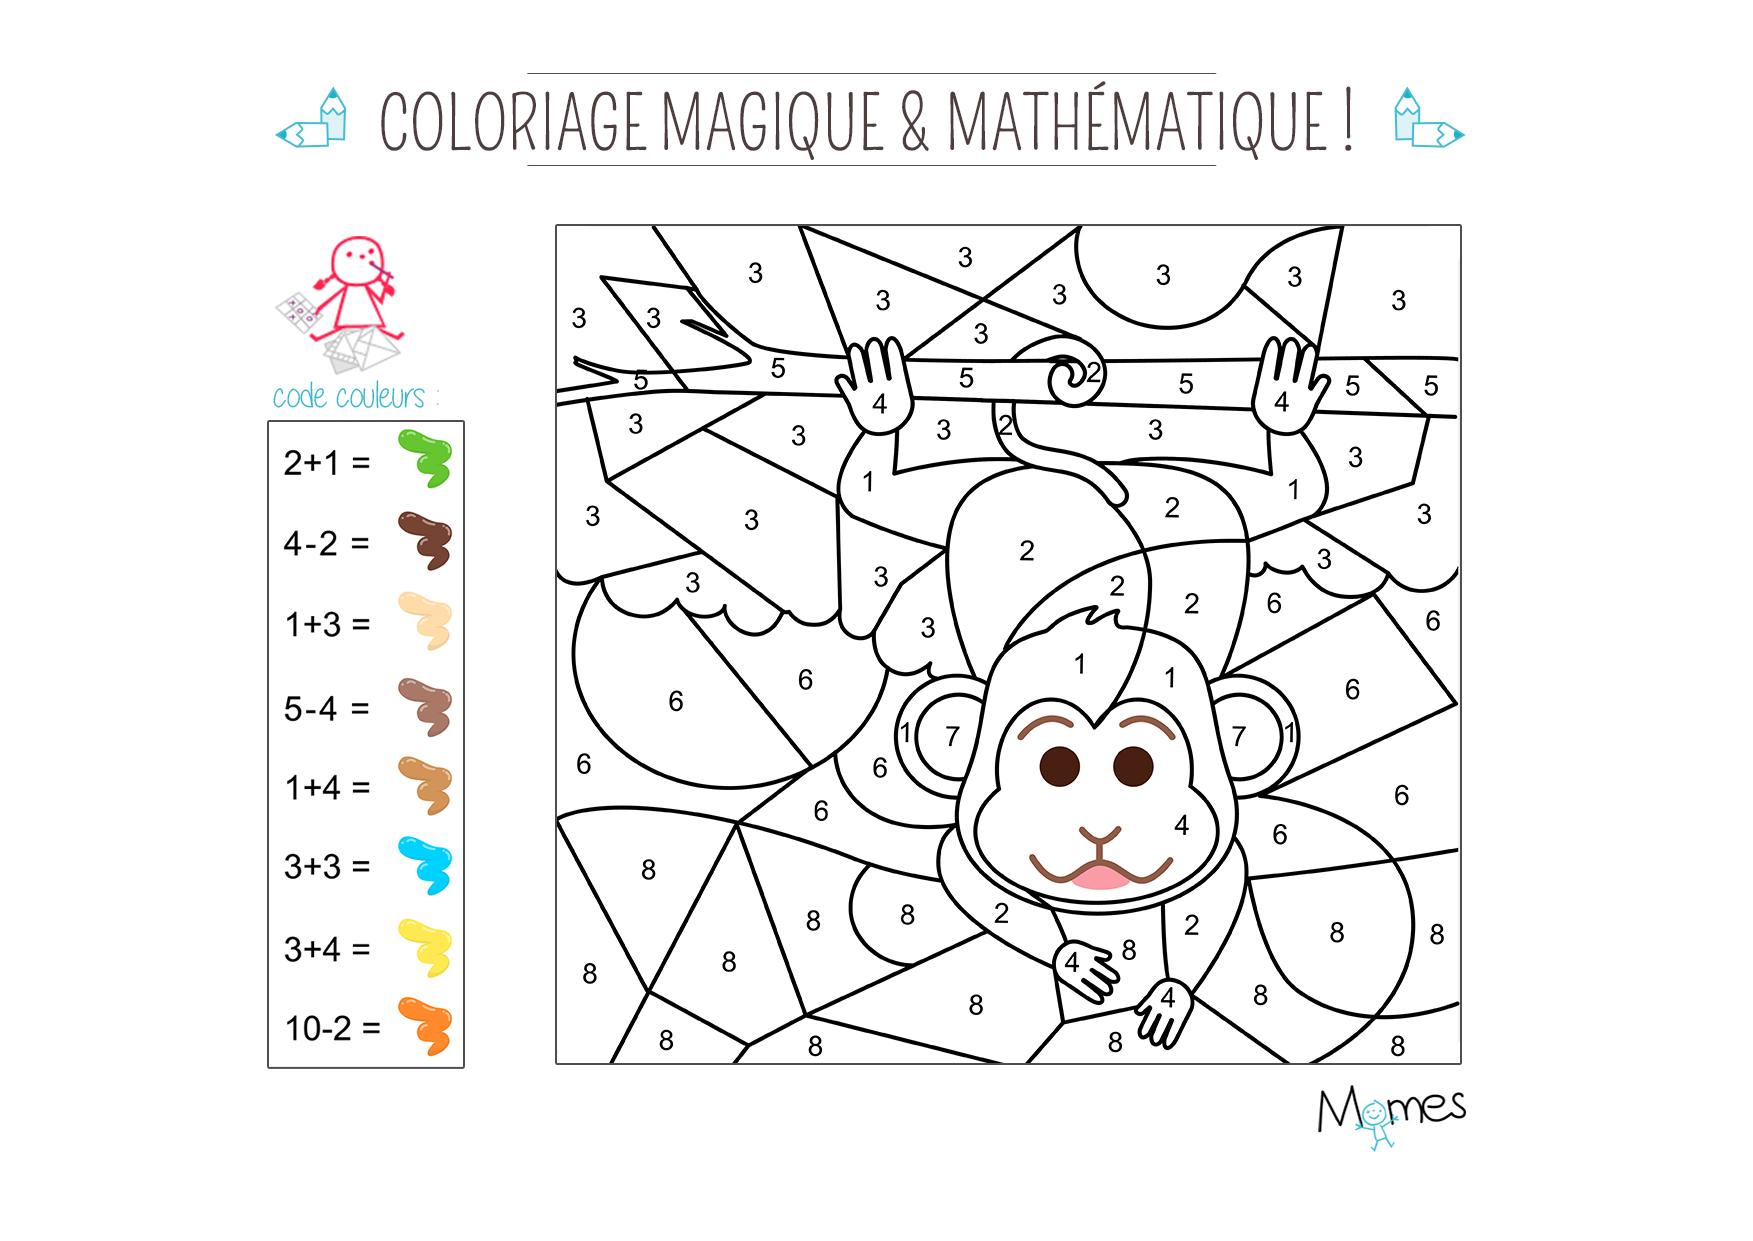 Coloriage magique et math matique le singe - Coloriage mathematique ...